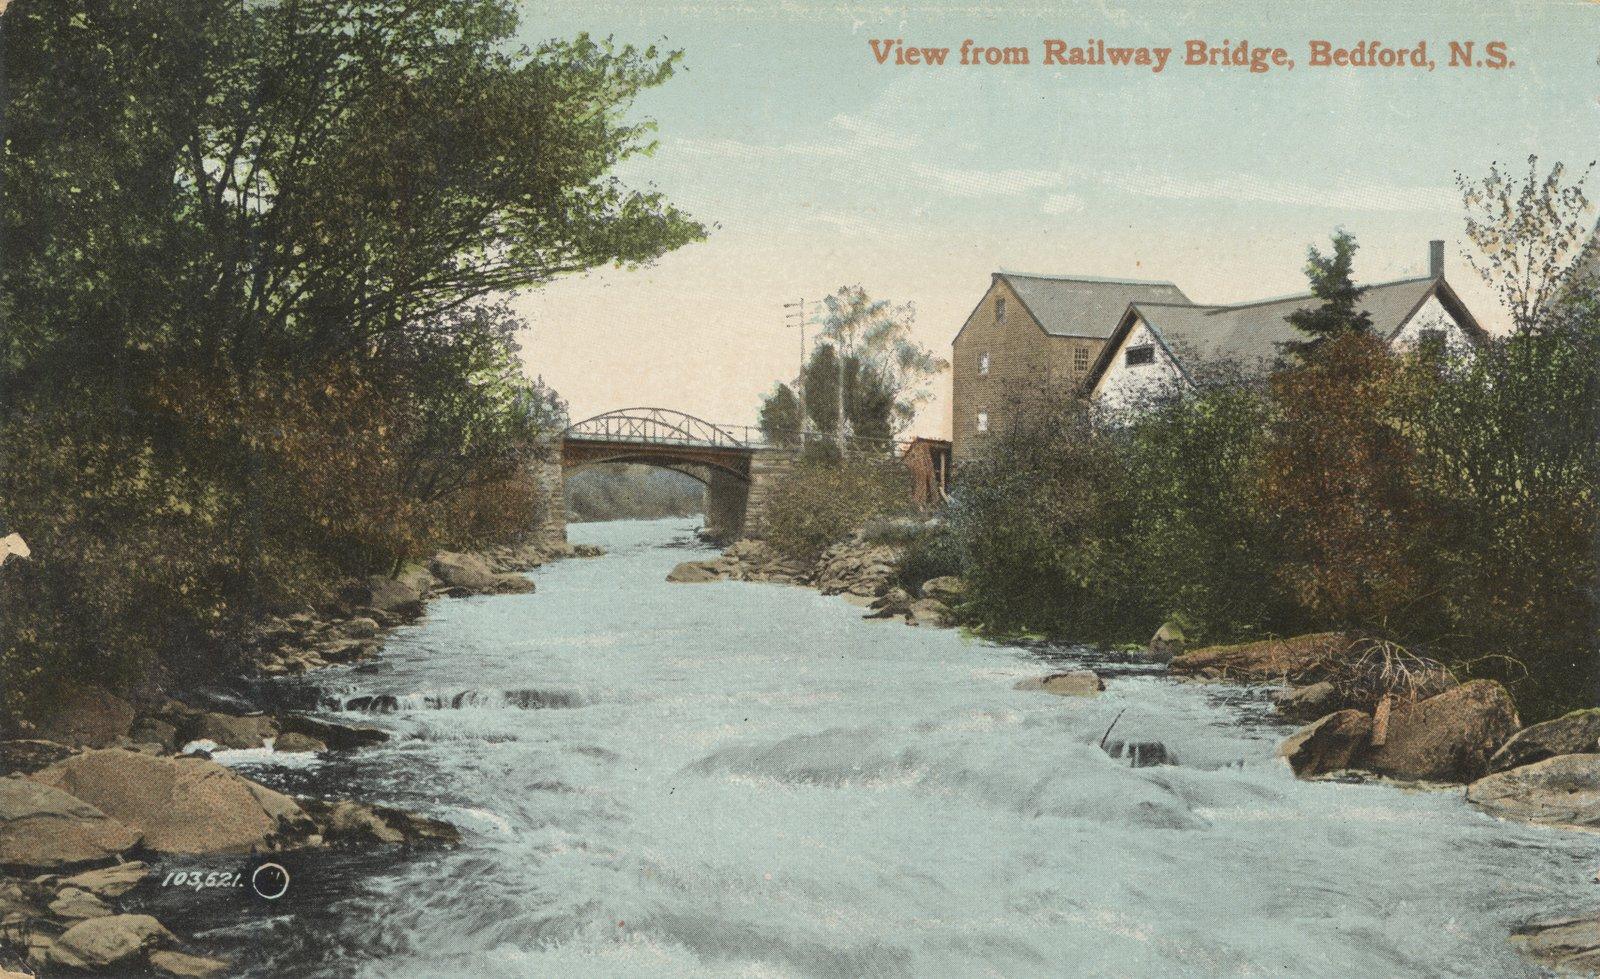 View from Railway Bridge, Bedford, N.S.